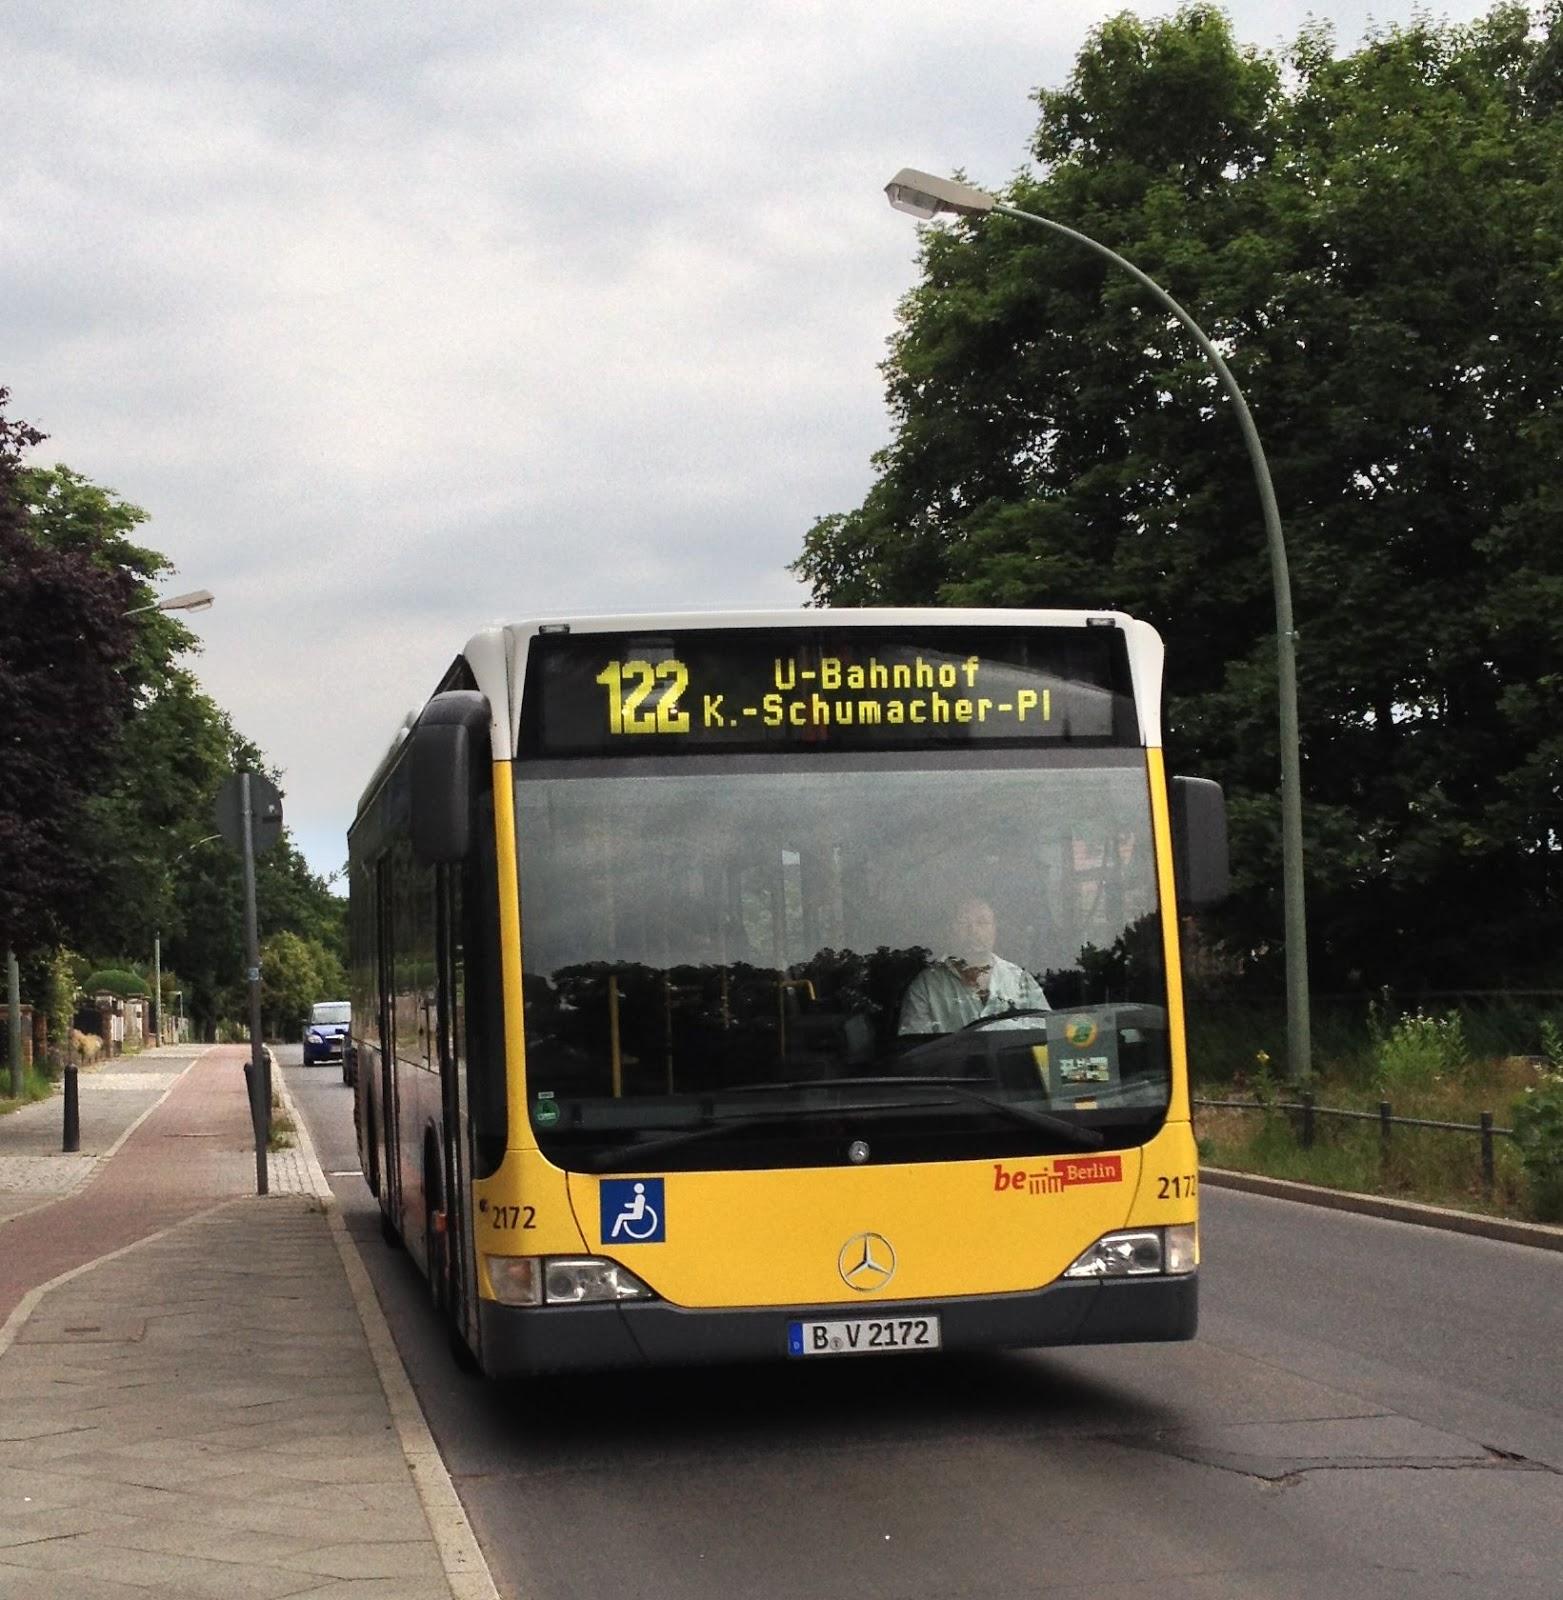 berlin verkehrs presseschau und informationen bus bvg bus f hrt mit strom ende 2014 startet. Black Bedroom Furniture Sets. Home Design Ideas